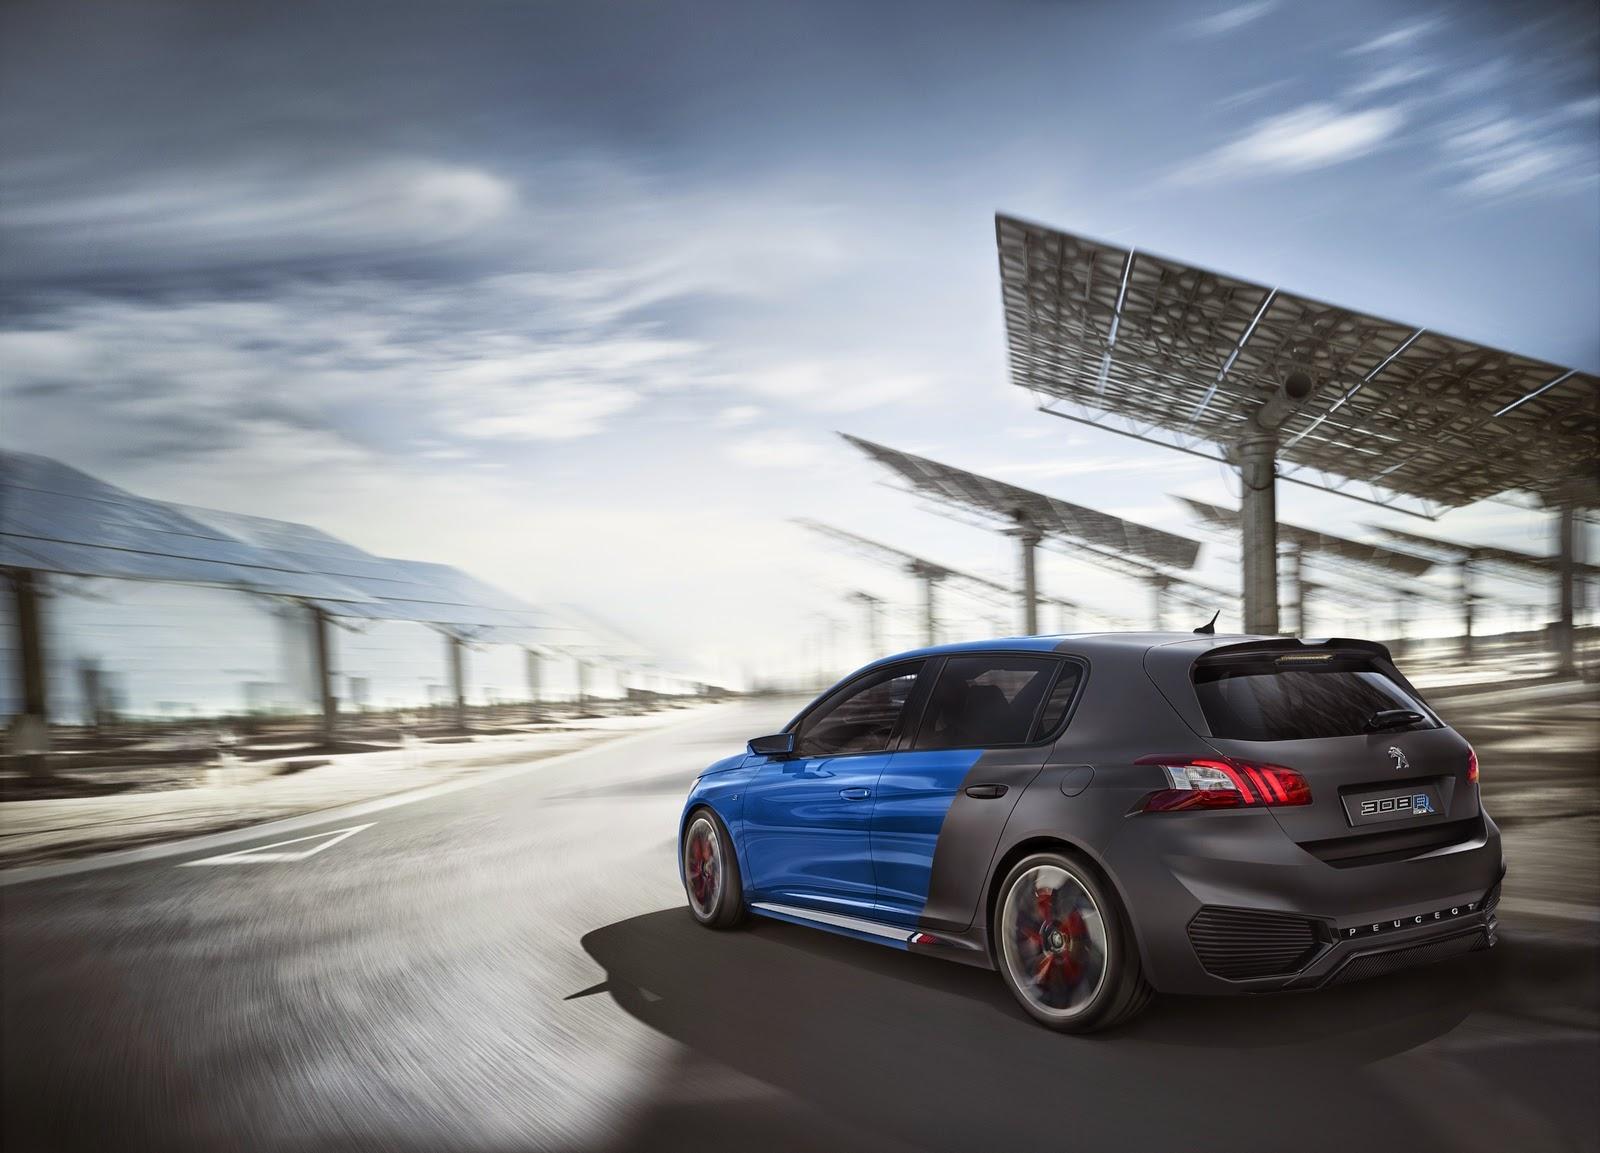 отзывы владельцев Peugeot 308 и характеристики